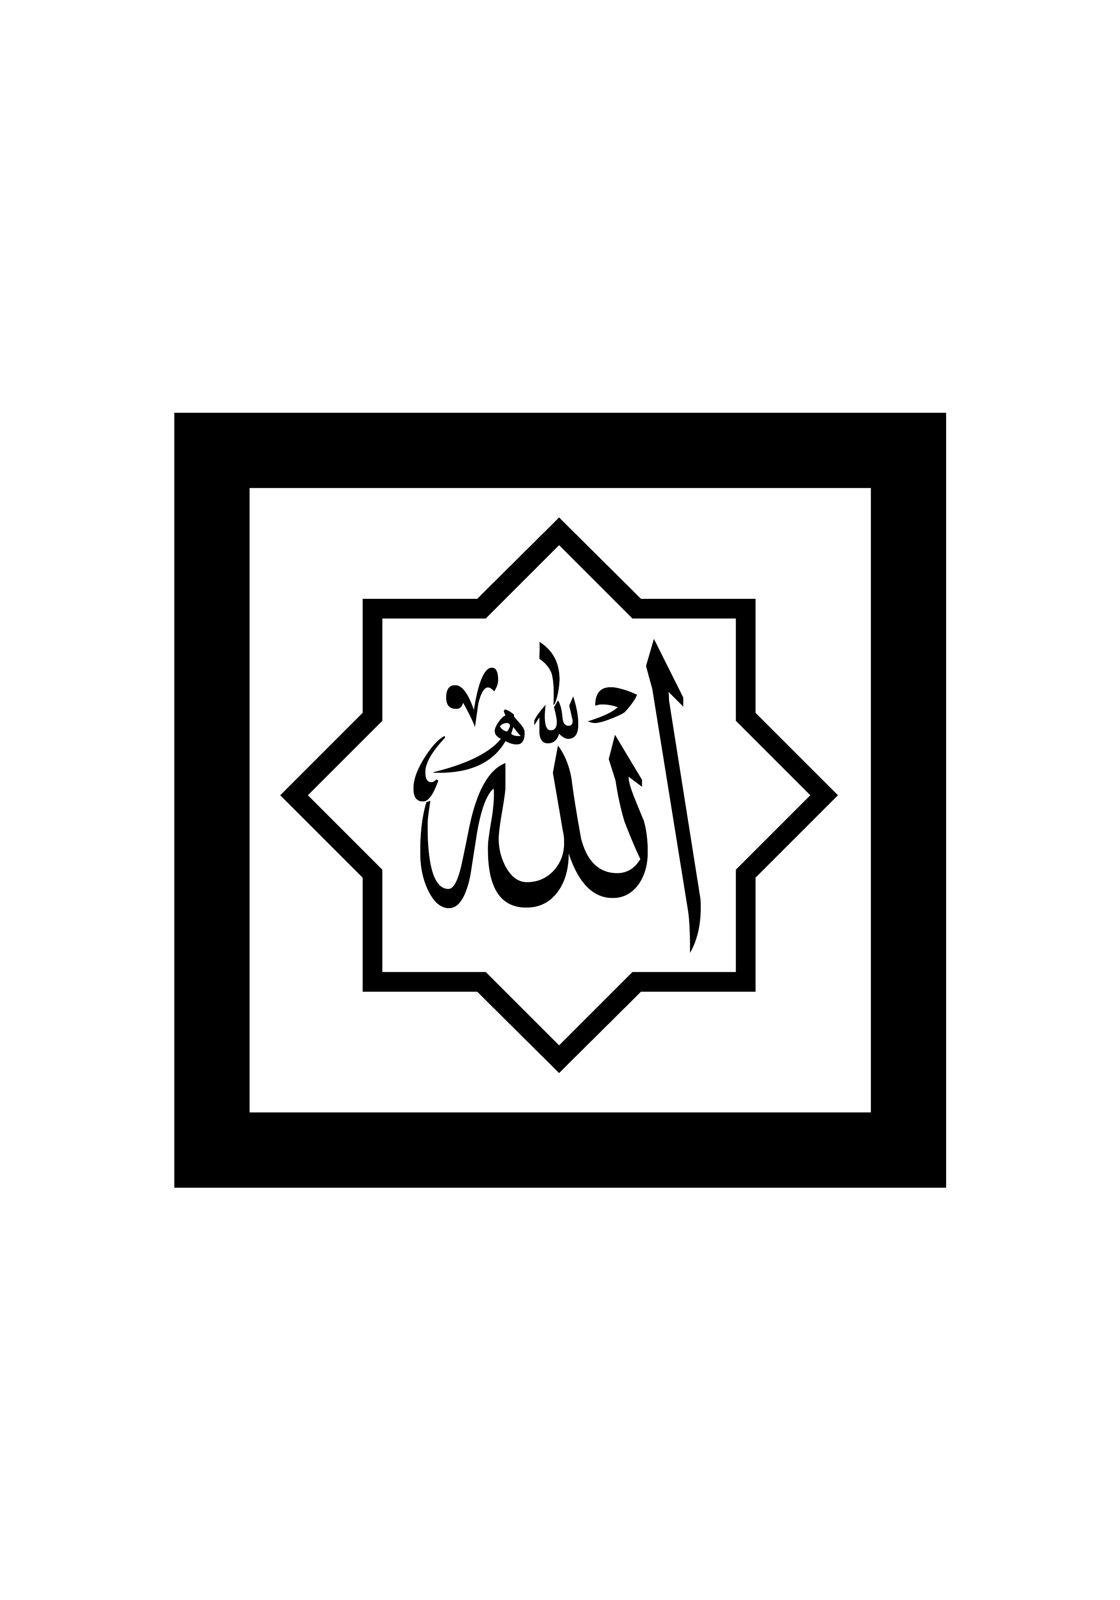 Allah_opt